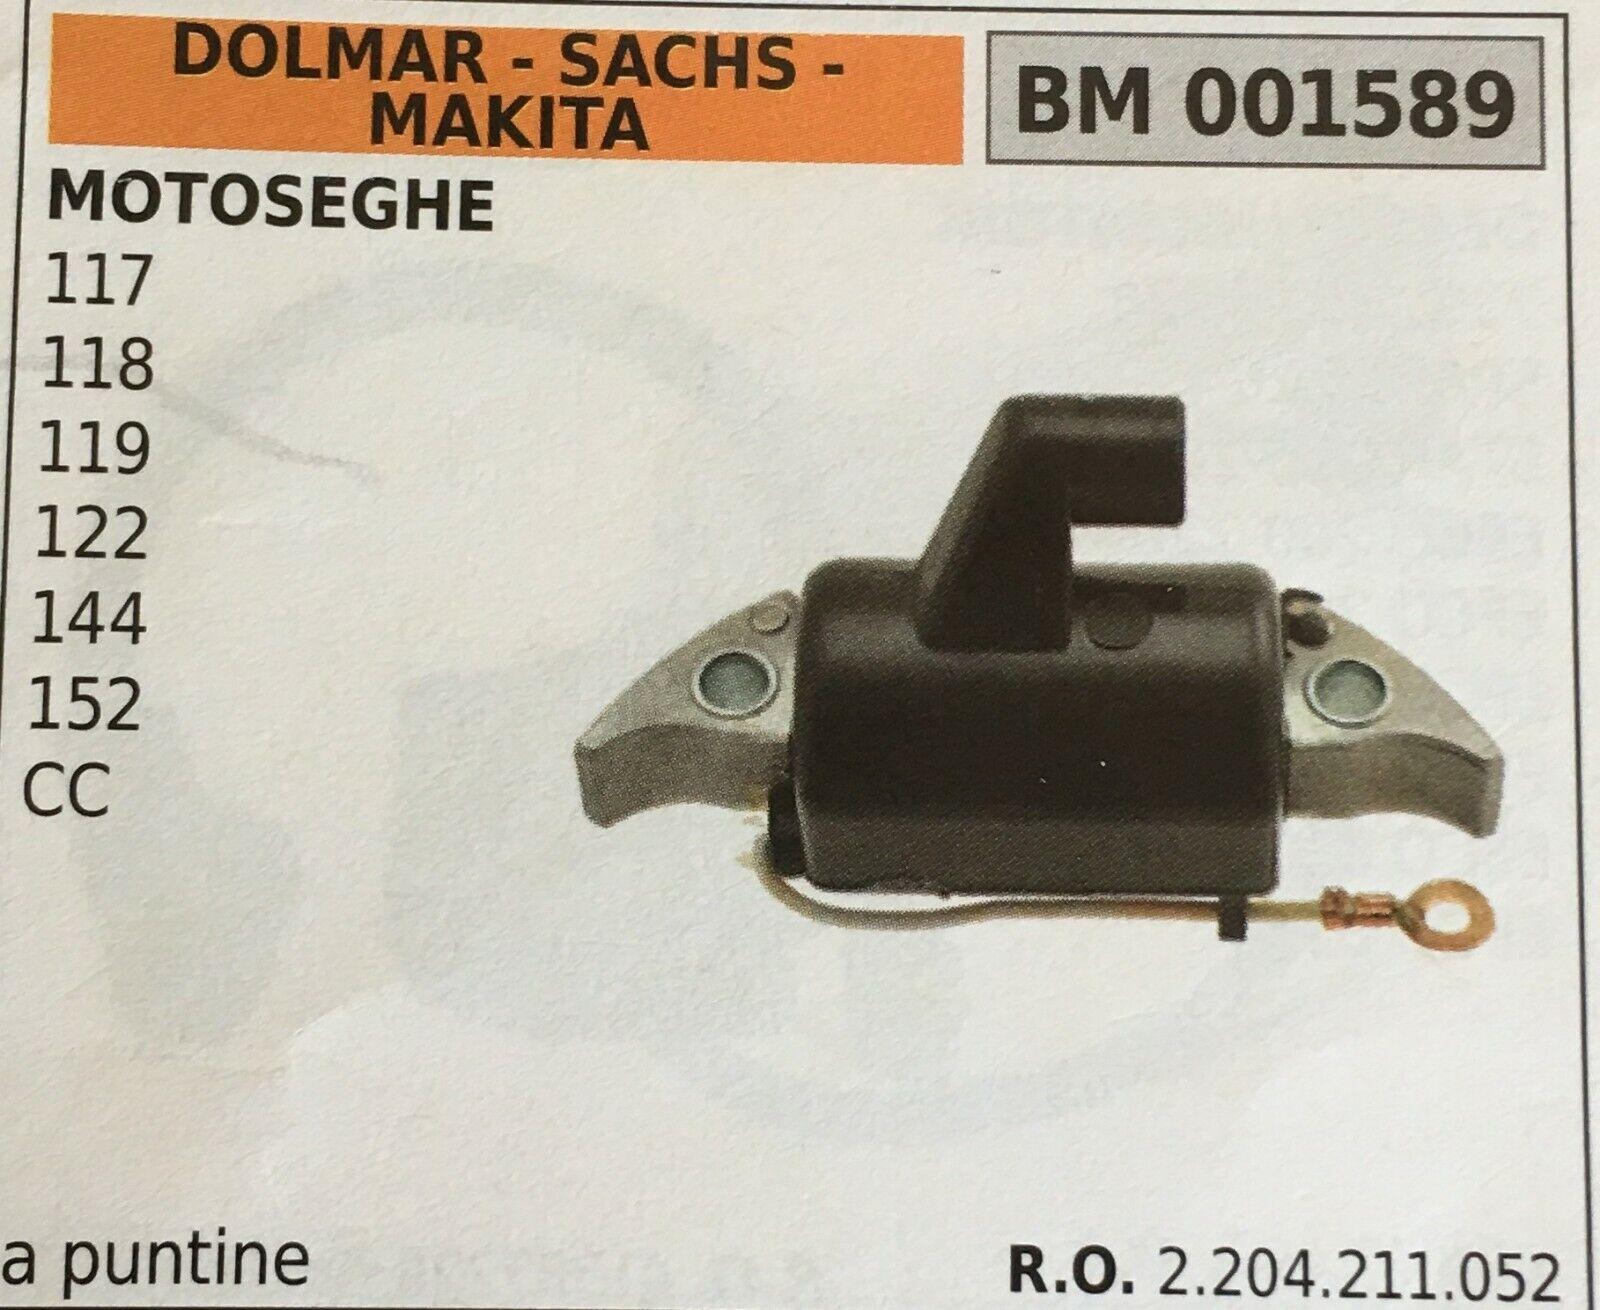 BOBINA A PUNTINE DOLMAR -  SACHS - MAKITA BM 001589